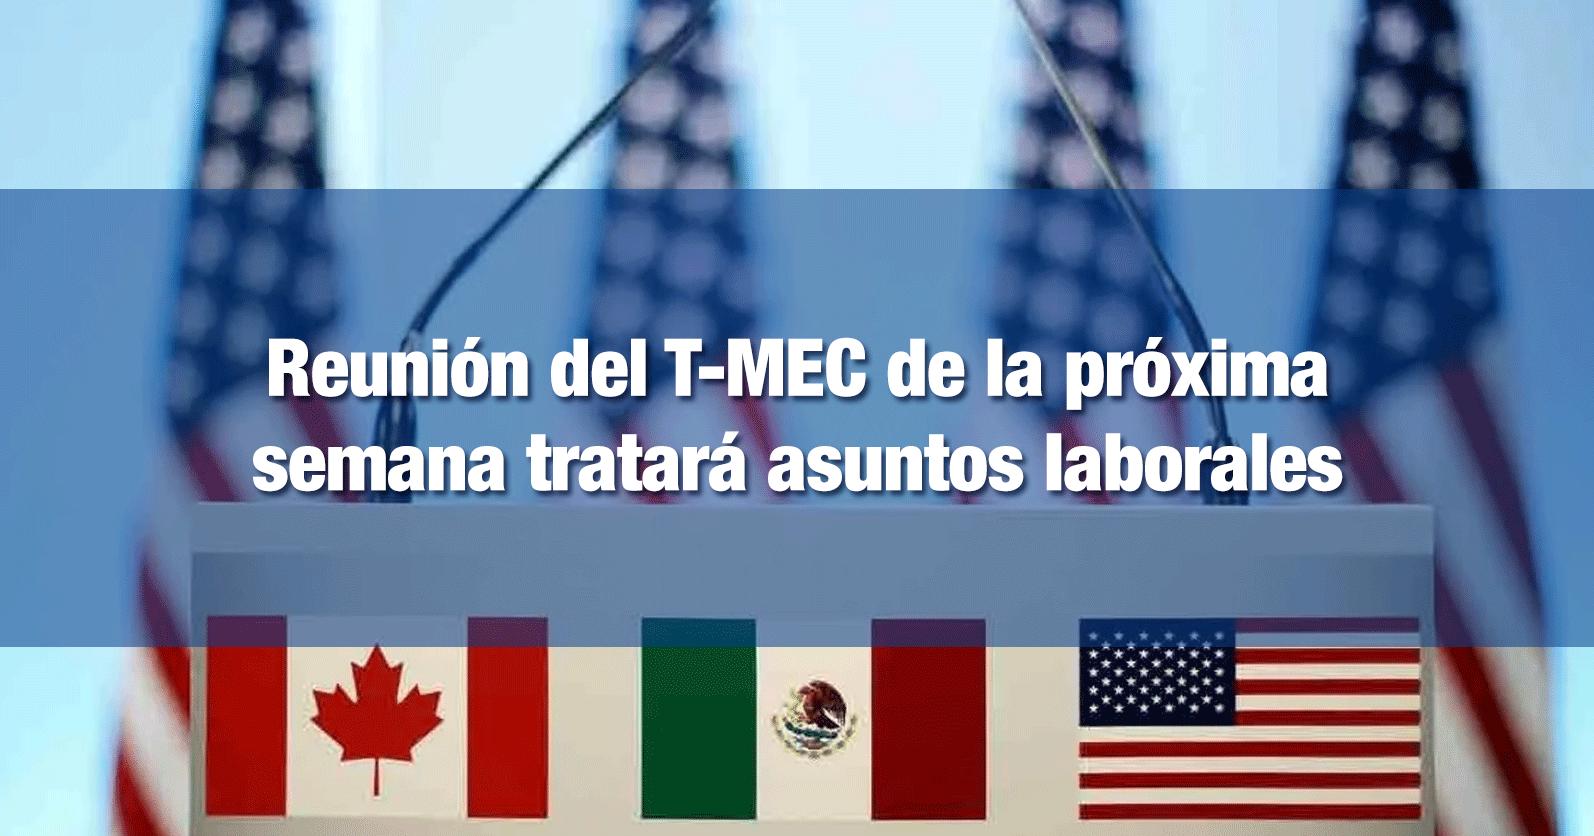 Reunión del T-MEC de la próxima semana tratará asuntos laborales